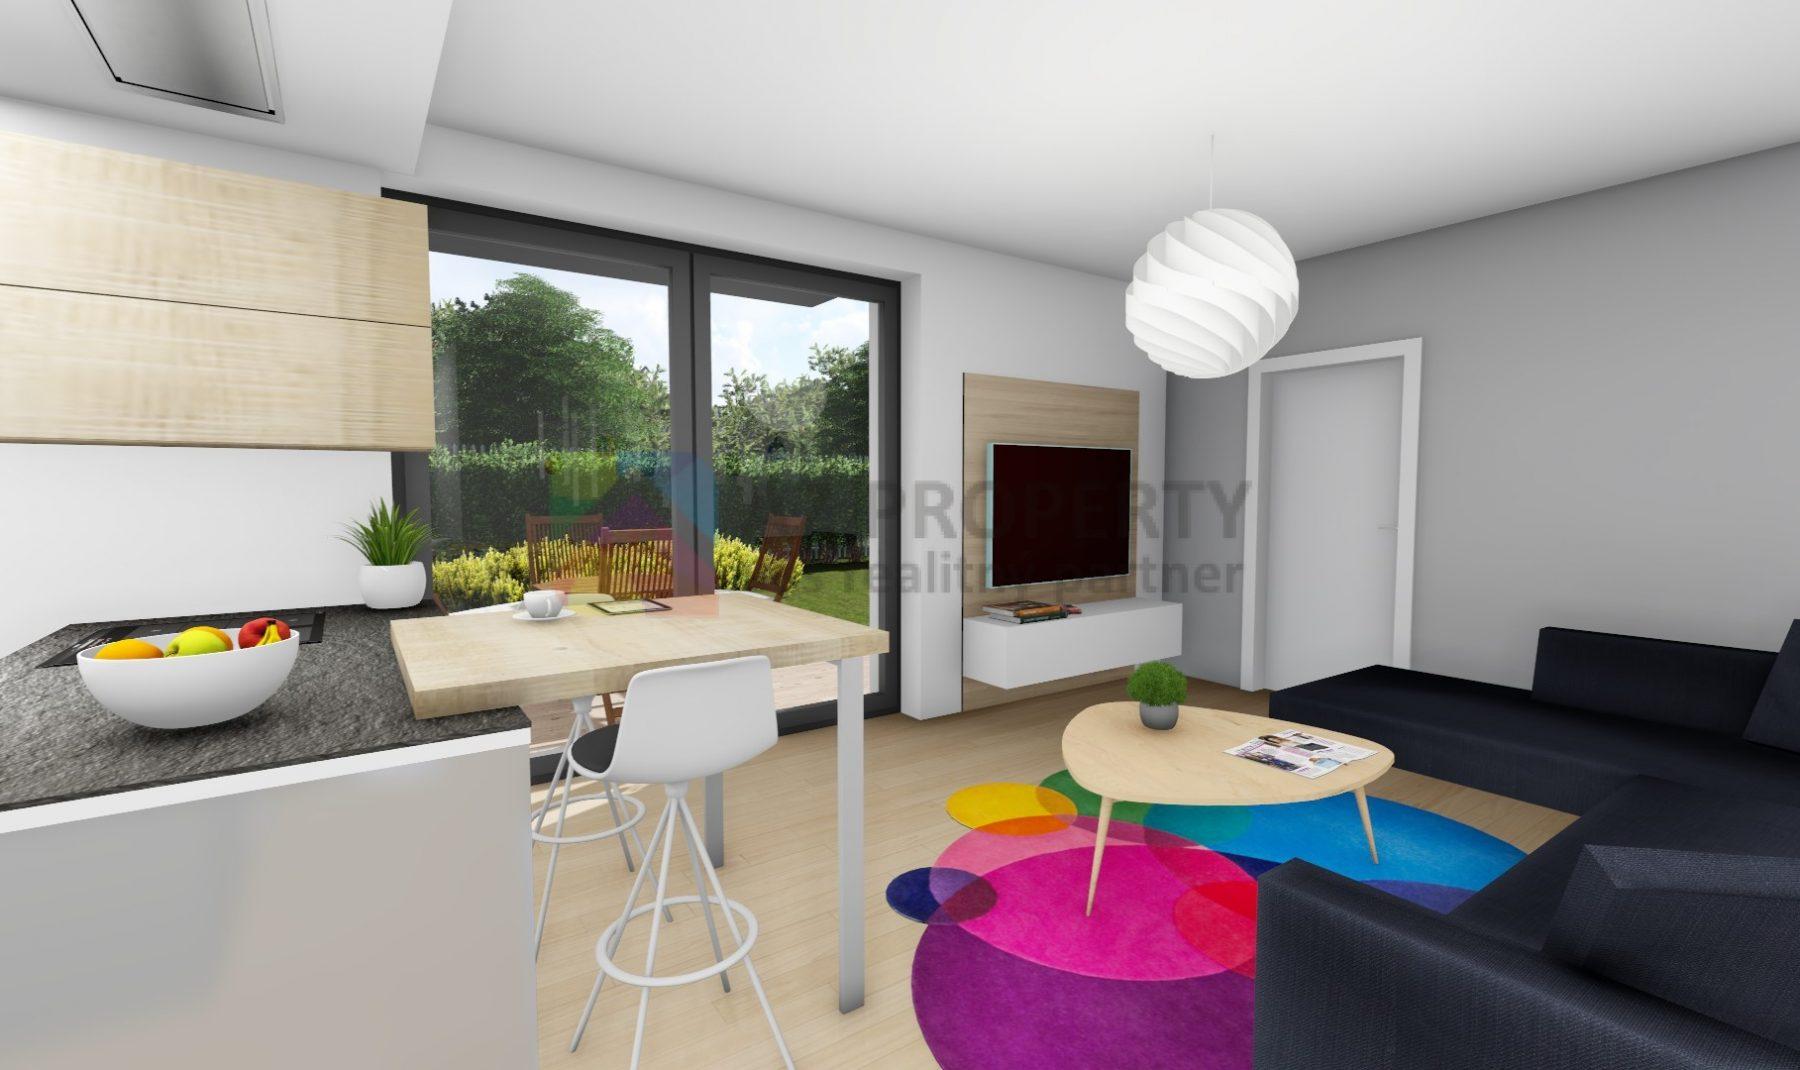 Predané! Nové byty v rezidenčnom komplexe Viladomy IN TOWN II - AZ ... c47b8d46423